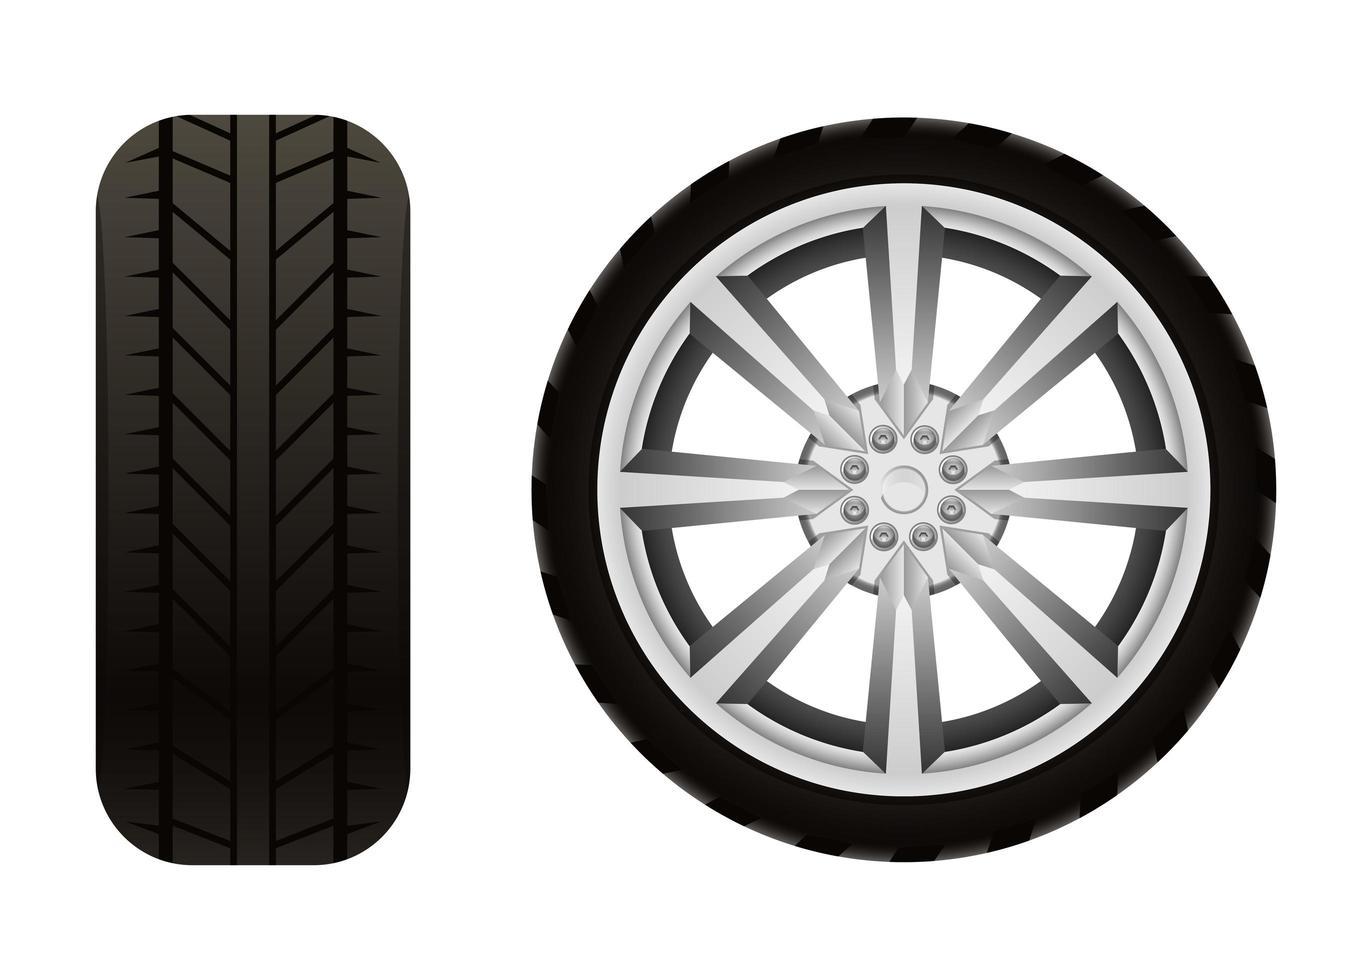 Neumático de coche aislado sobre fondo blanco. vector